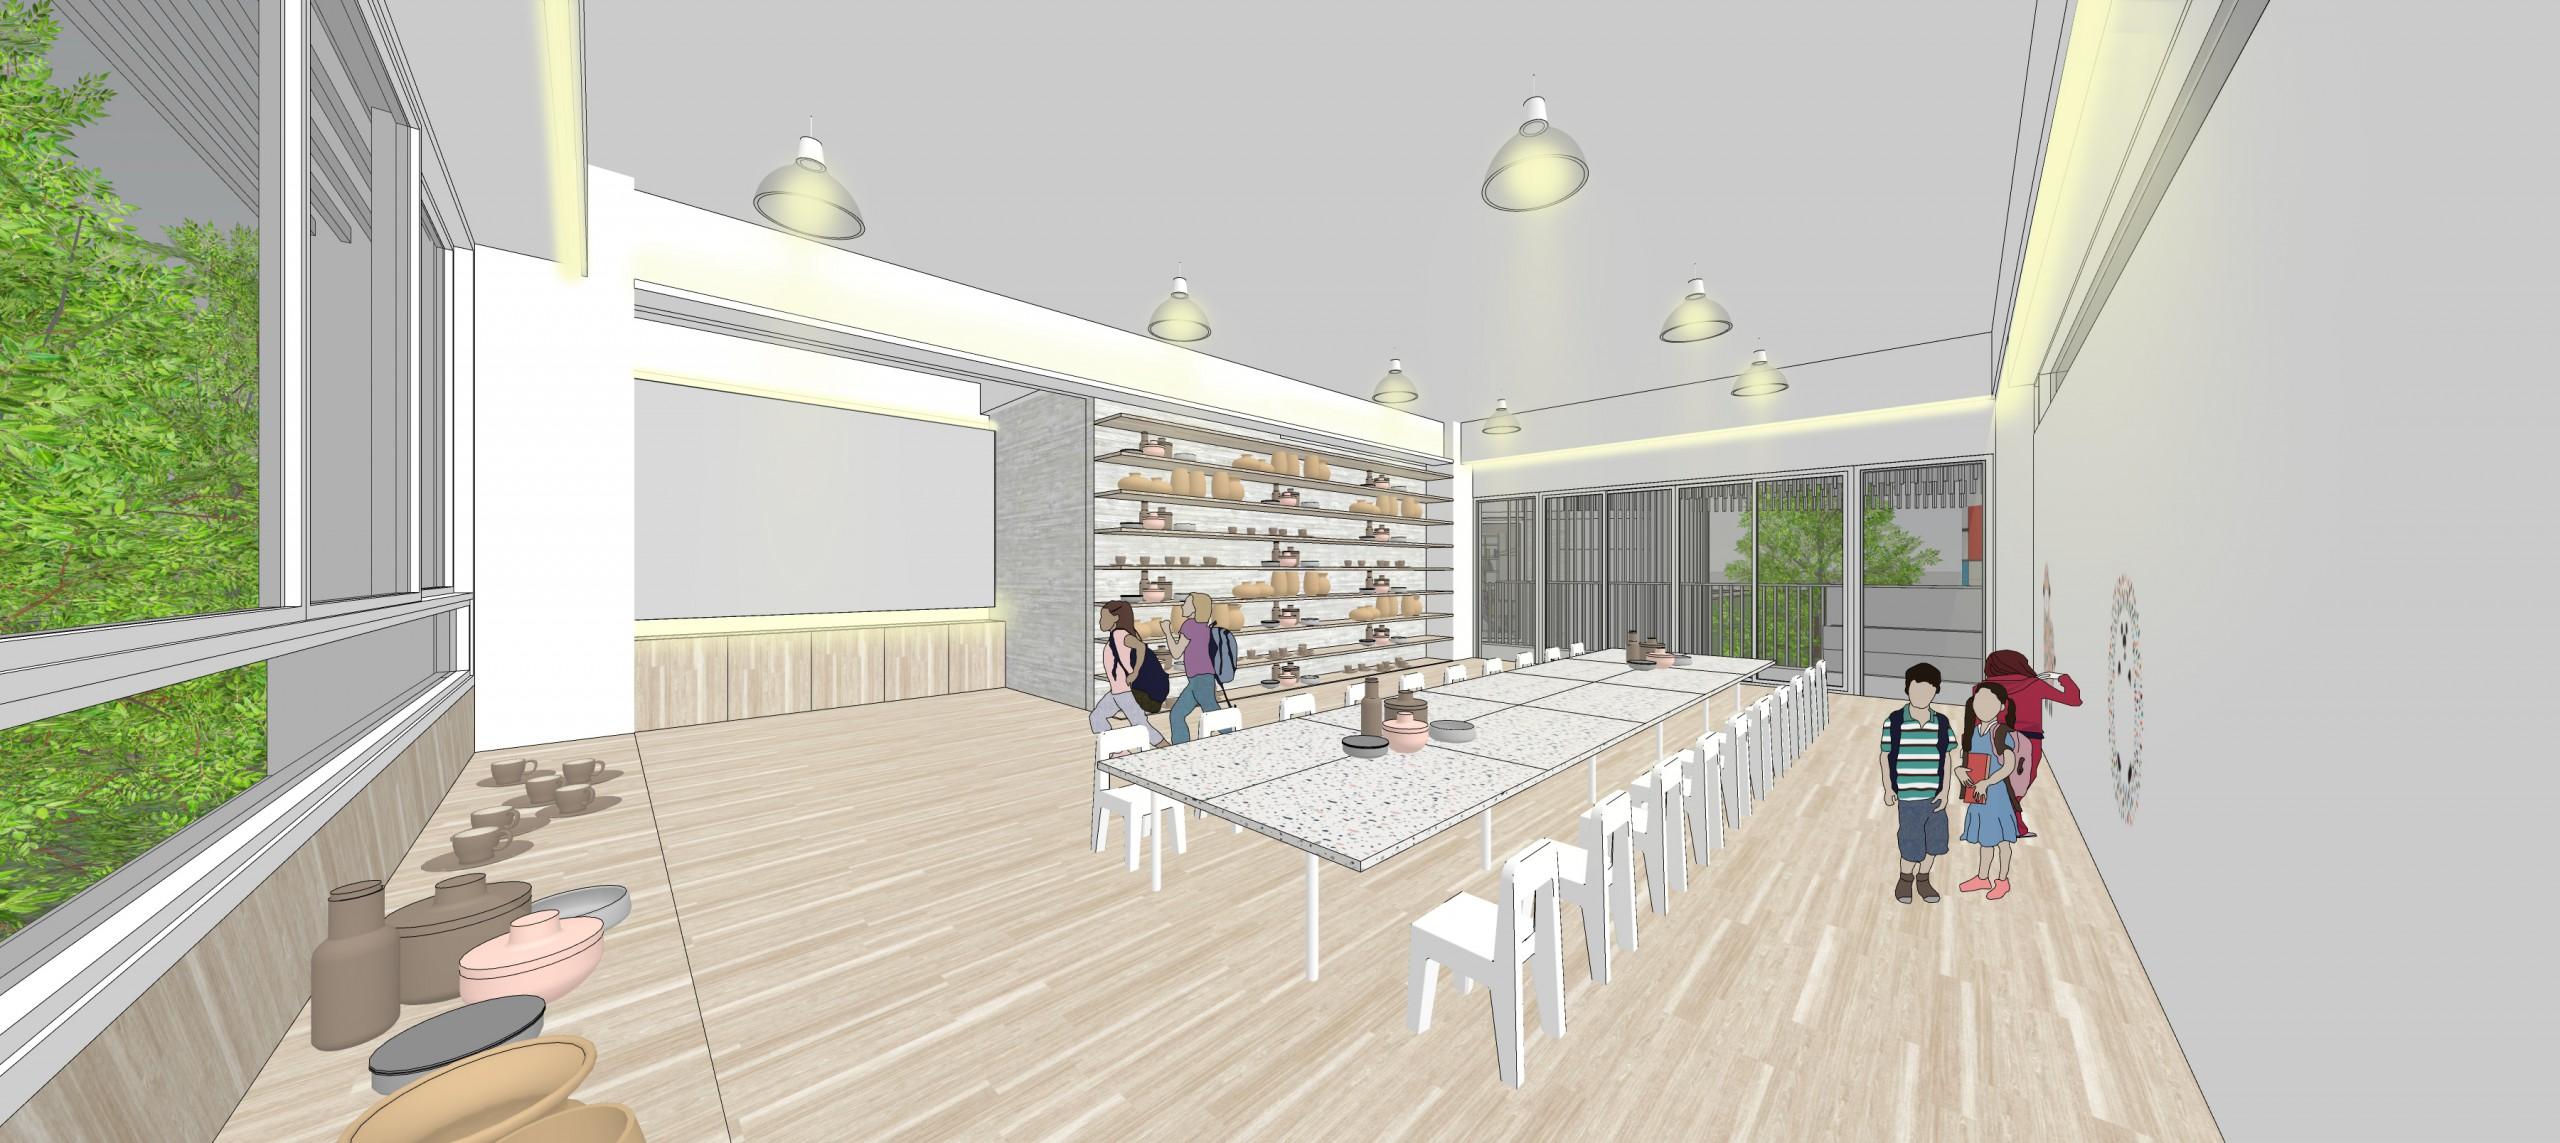 德築-DEZU-project-淡海大芽幼兒園-architecture-3Drendering-2